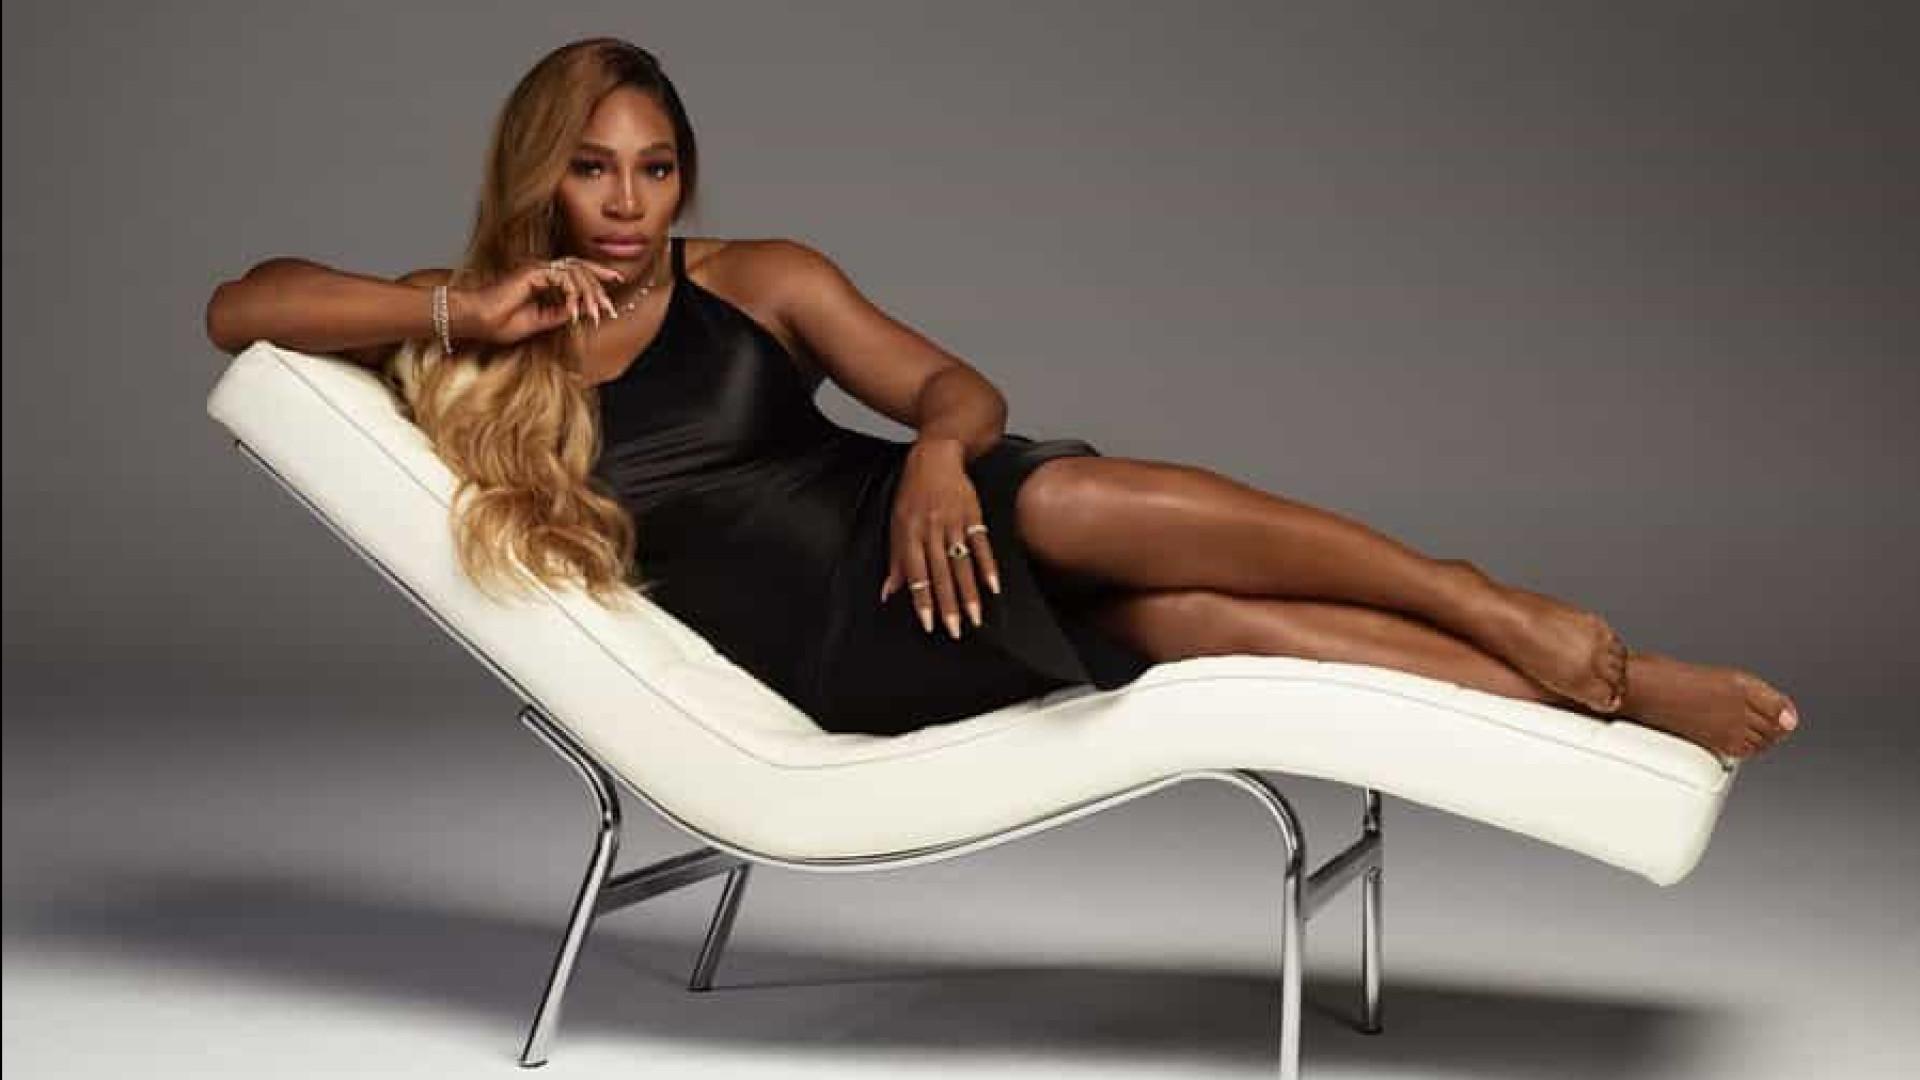 'Trabalhar e ser mãe não é fácil', diz Serena Williams